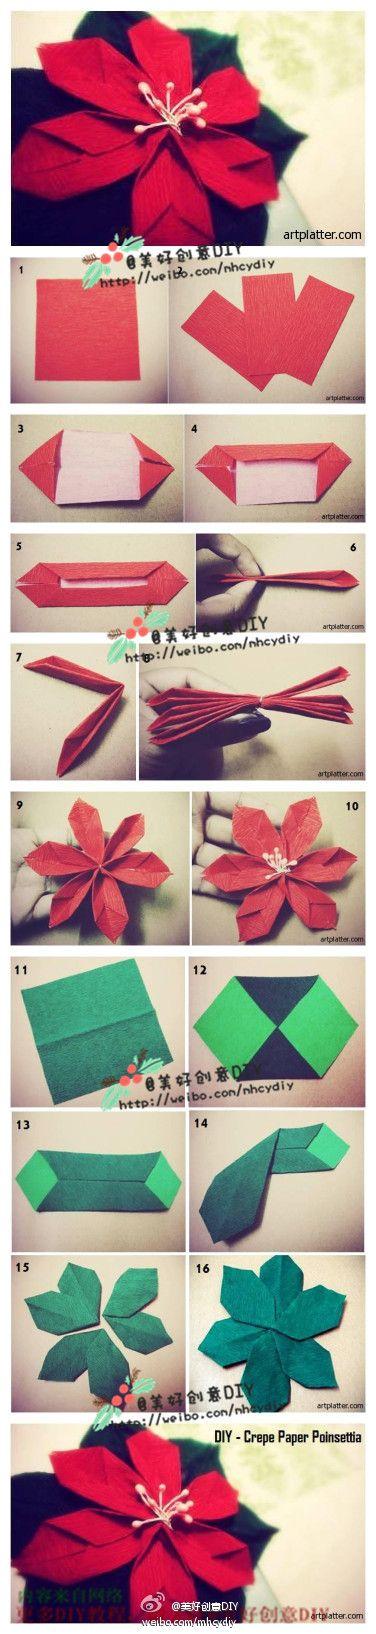 Mooie papieren bloemen DIY les snel leren dat ~ ~ -